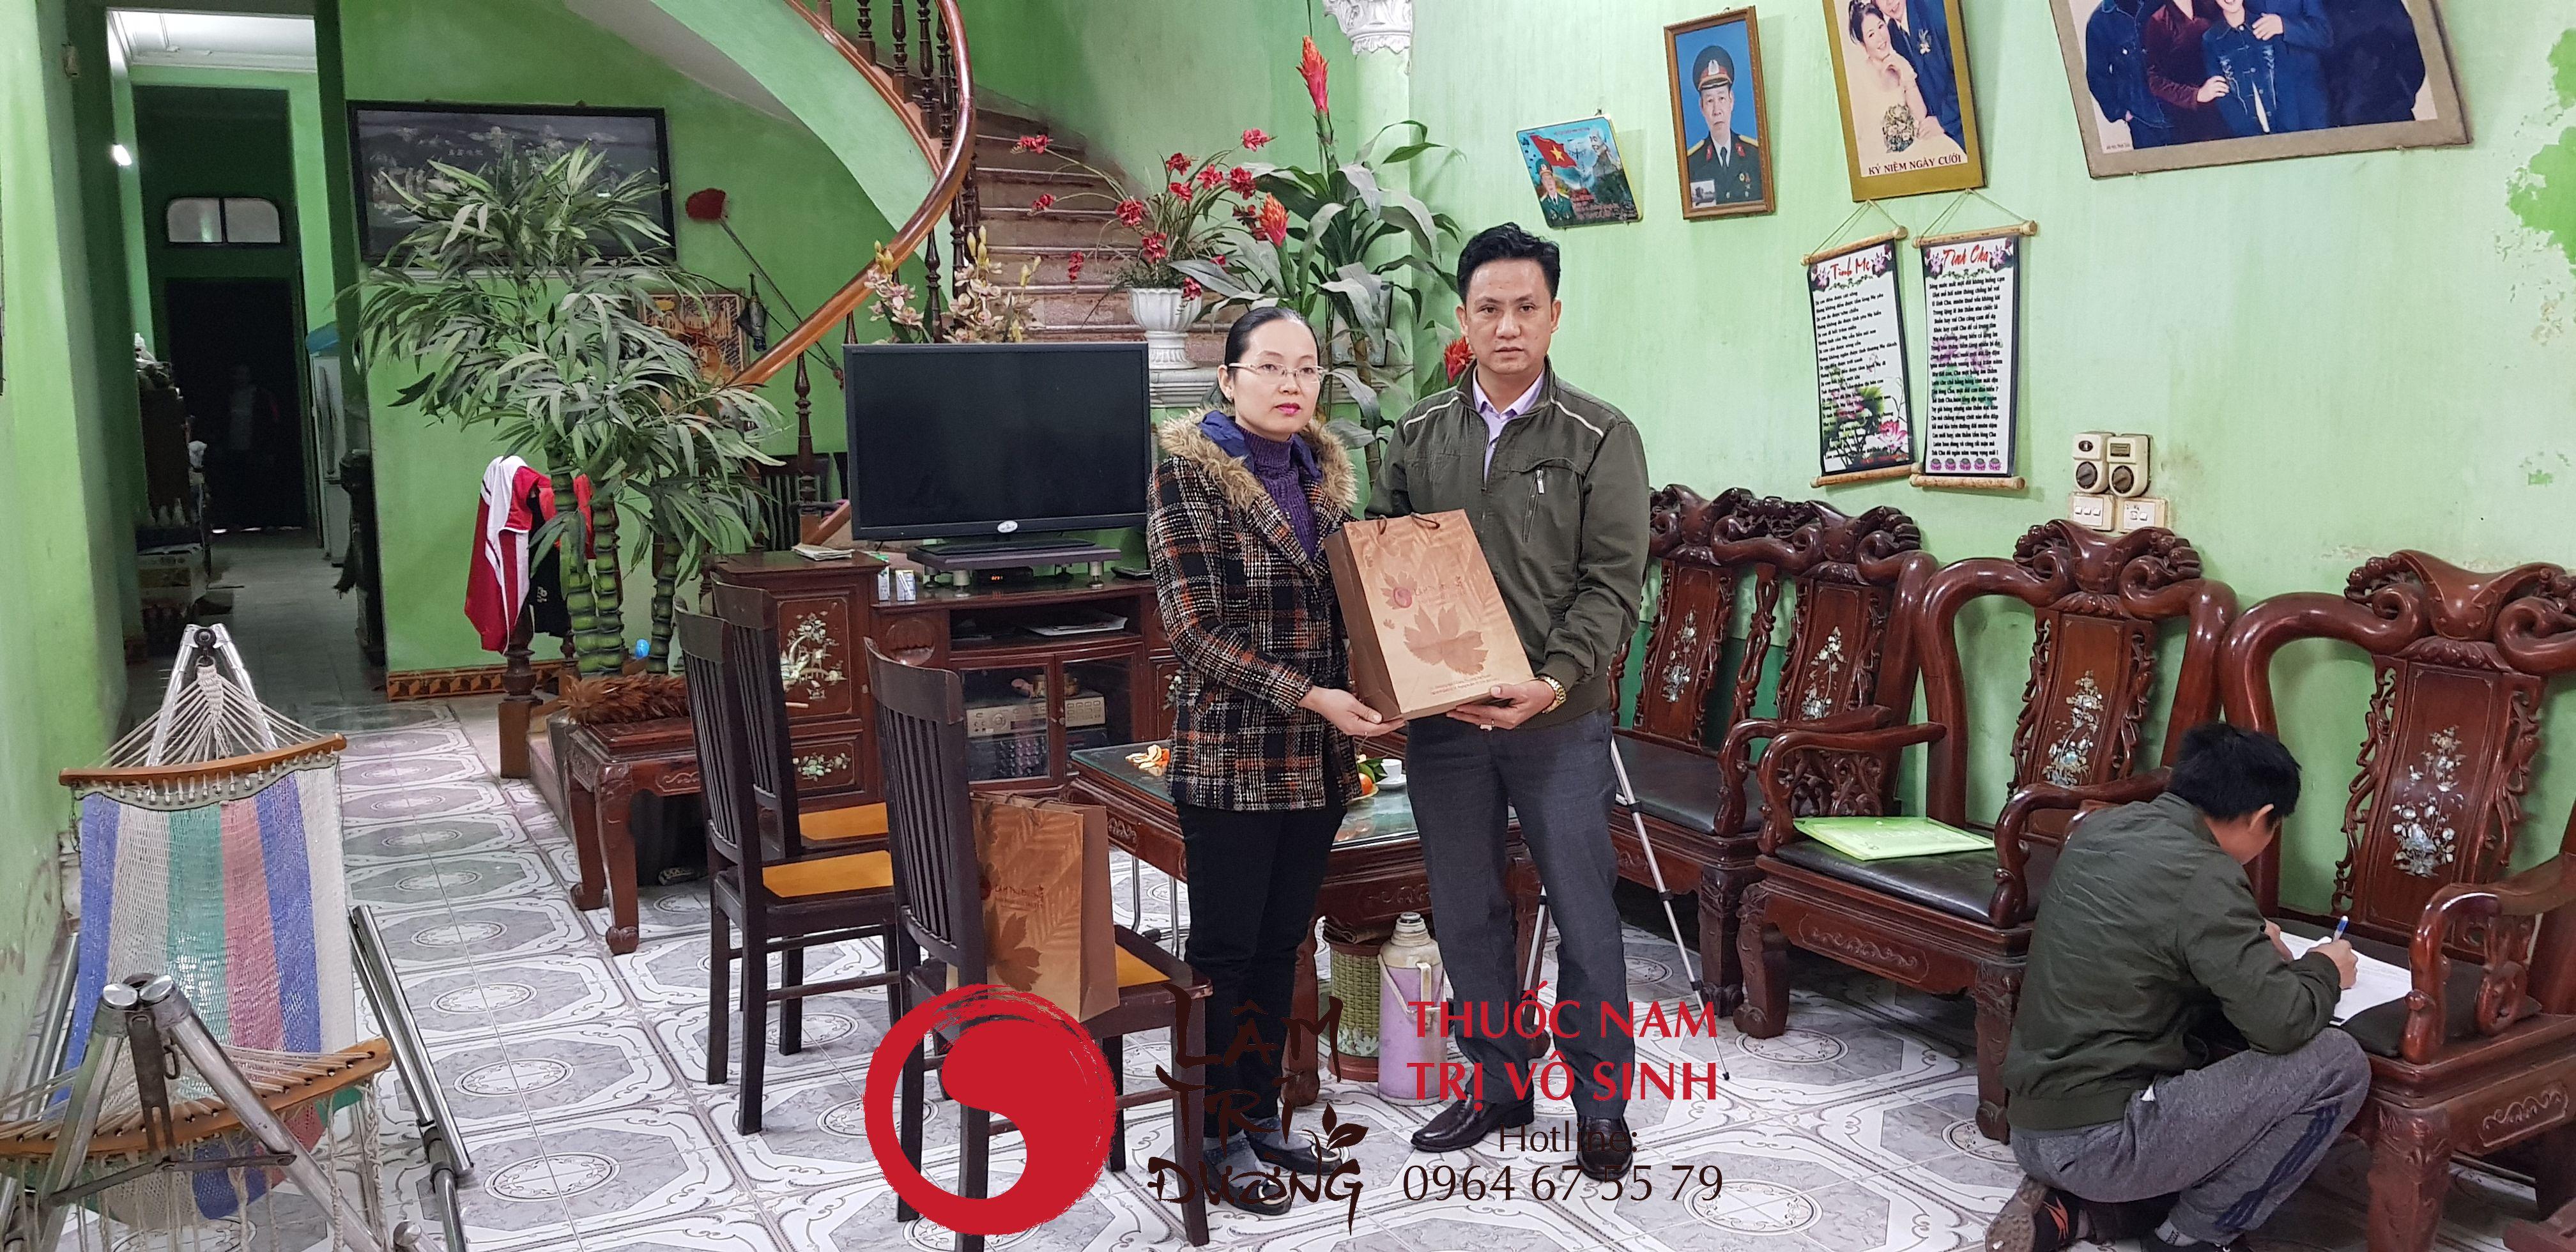 20180114 104119 result - Bài An Thai Dưỡng Thai Của Lâm Trí Đường